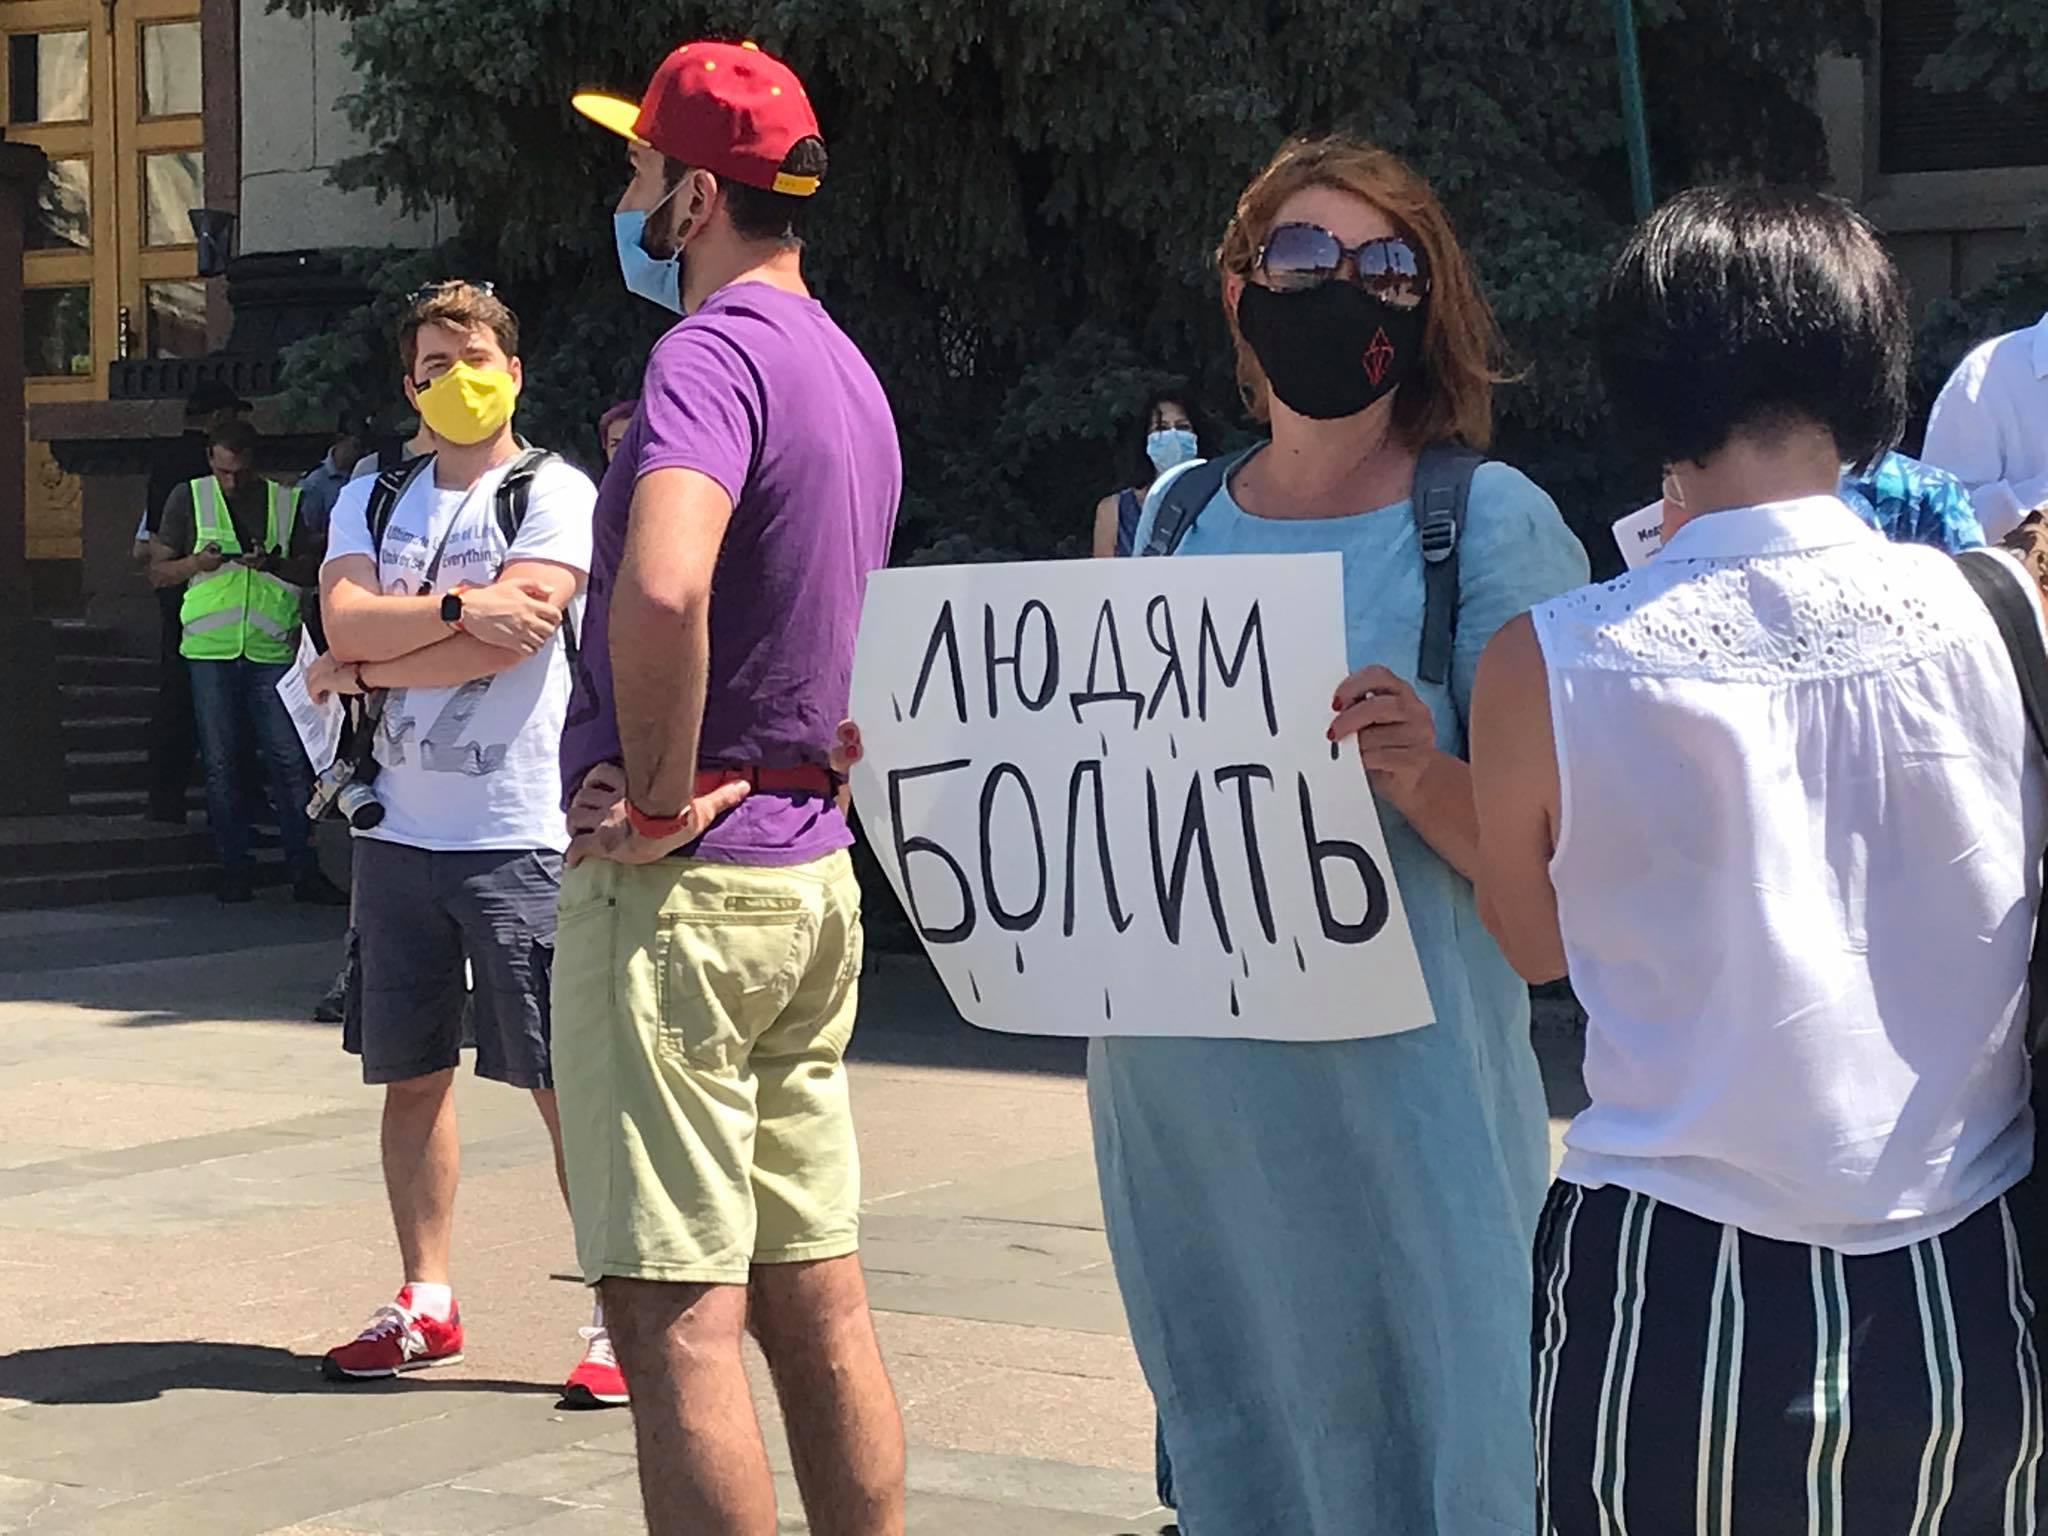 Під ХОДА мітингувальники зібралися на акцію за легалізацію використання канабісу (фото)